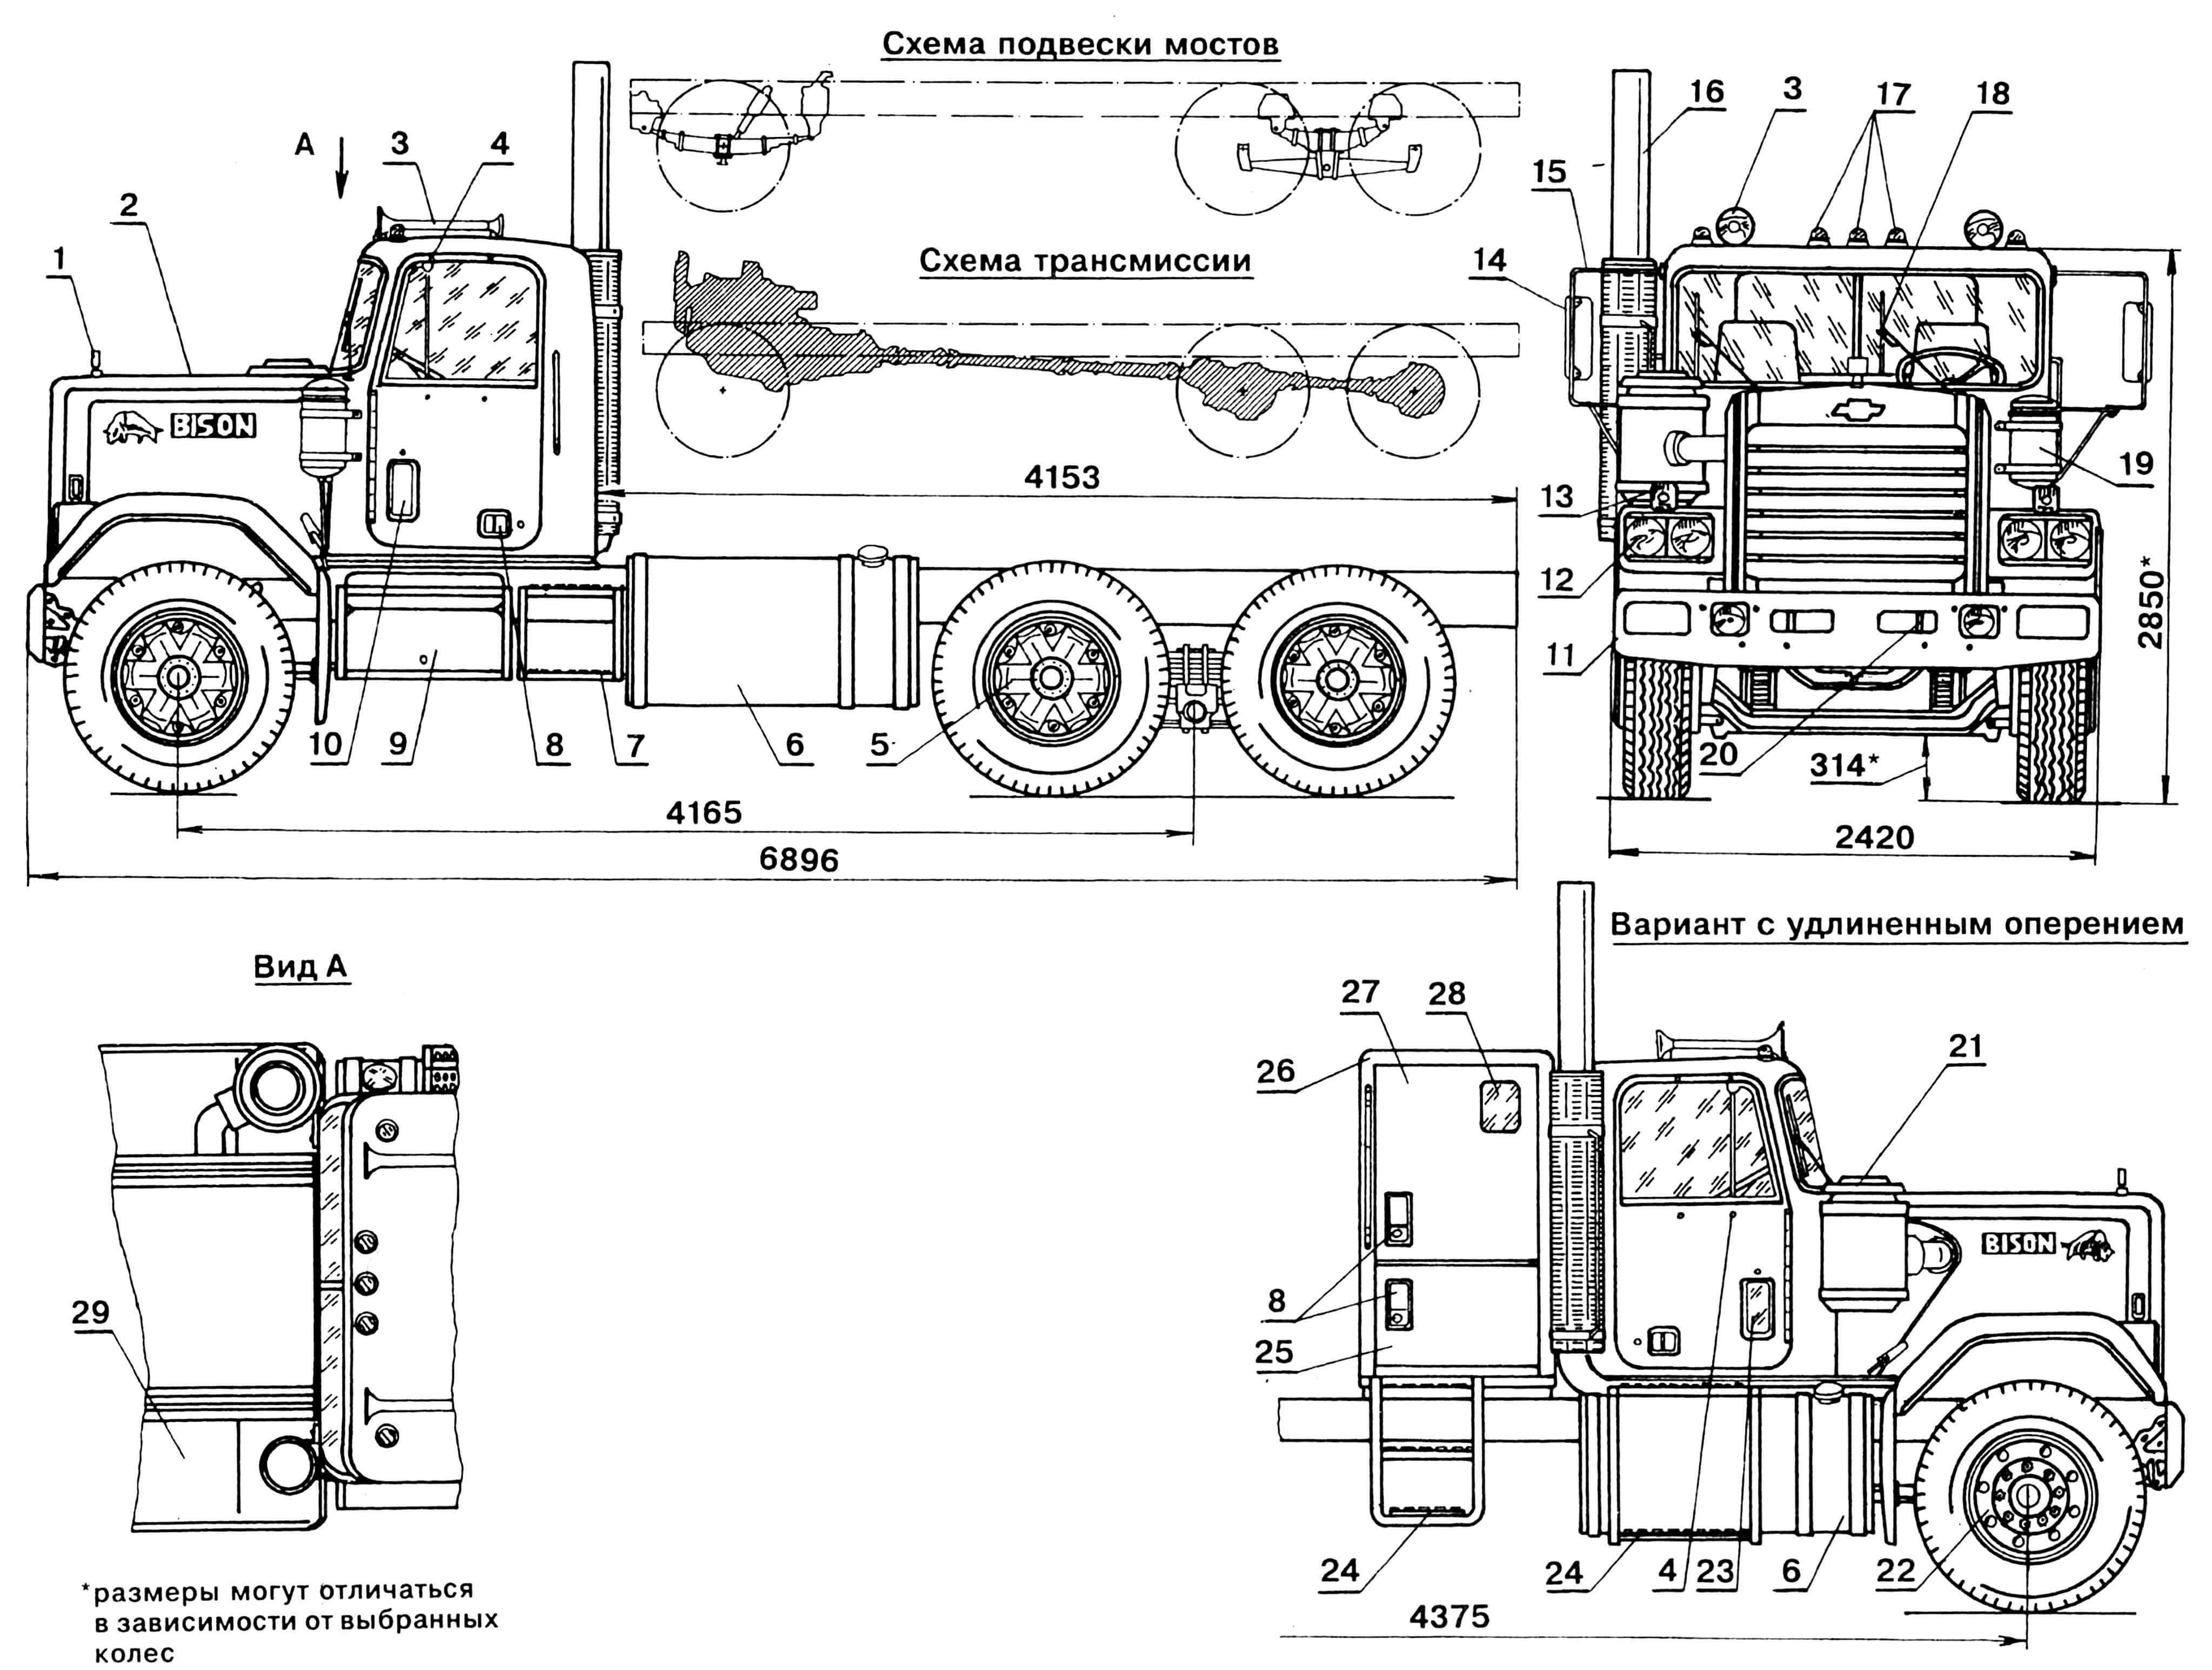 Тяжелый грузовой автомобиль CHEVROLET «BISON» (на видах сбоку зеркала условно не показаны): 1 — эмблема автомобиля «Бизон», 2 — оперение (короткое), 3 — клаксон, 4 — узлы крепления кронштейнов зеркал заднего вида, 5 — стандартная ступица колеса, 6 — бензобаки, 7,24 — подножки, 8 — ручки открывания дверей, 9 — аккумуляторный ящик, 10 — вентиляционный лючок, 11 — бампер, 12 — блок фар, 13 — указатель поворота, 14 — зеркало заднего вида, 15 — кронштейн зеркала, 16 — выхлопная труба, 17 — габаритные огни, 18 — стеклоочиститель, 19 — пневморесивер, 20 — буксирная проушина, 21 — воздушный фильтр, 22 — алюминиевый диск колеса, 23 — дополнительное окно, 25 — дверь багажного отделения, 26 — спальный отсек, 27 — дверь спального отсека, 28 — окно спального отсека, 29 — крыло.